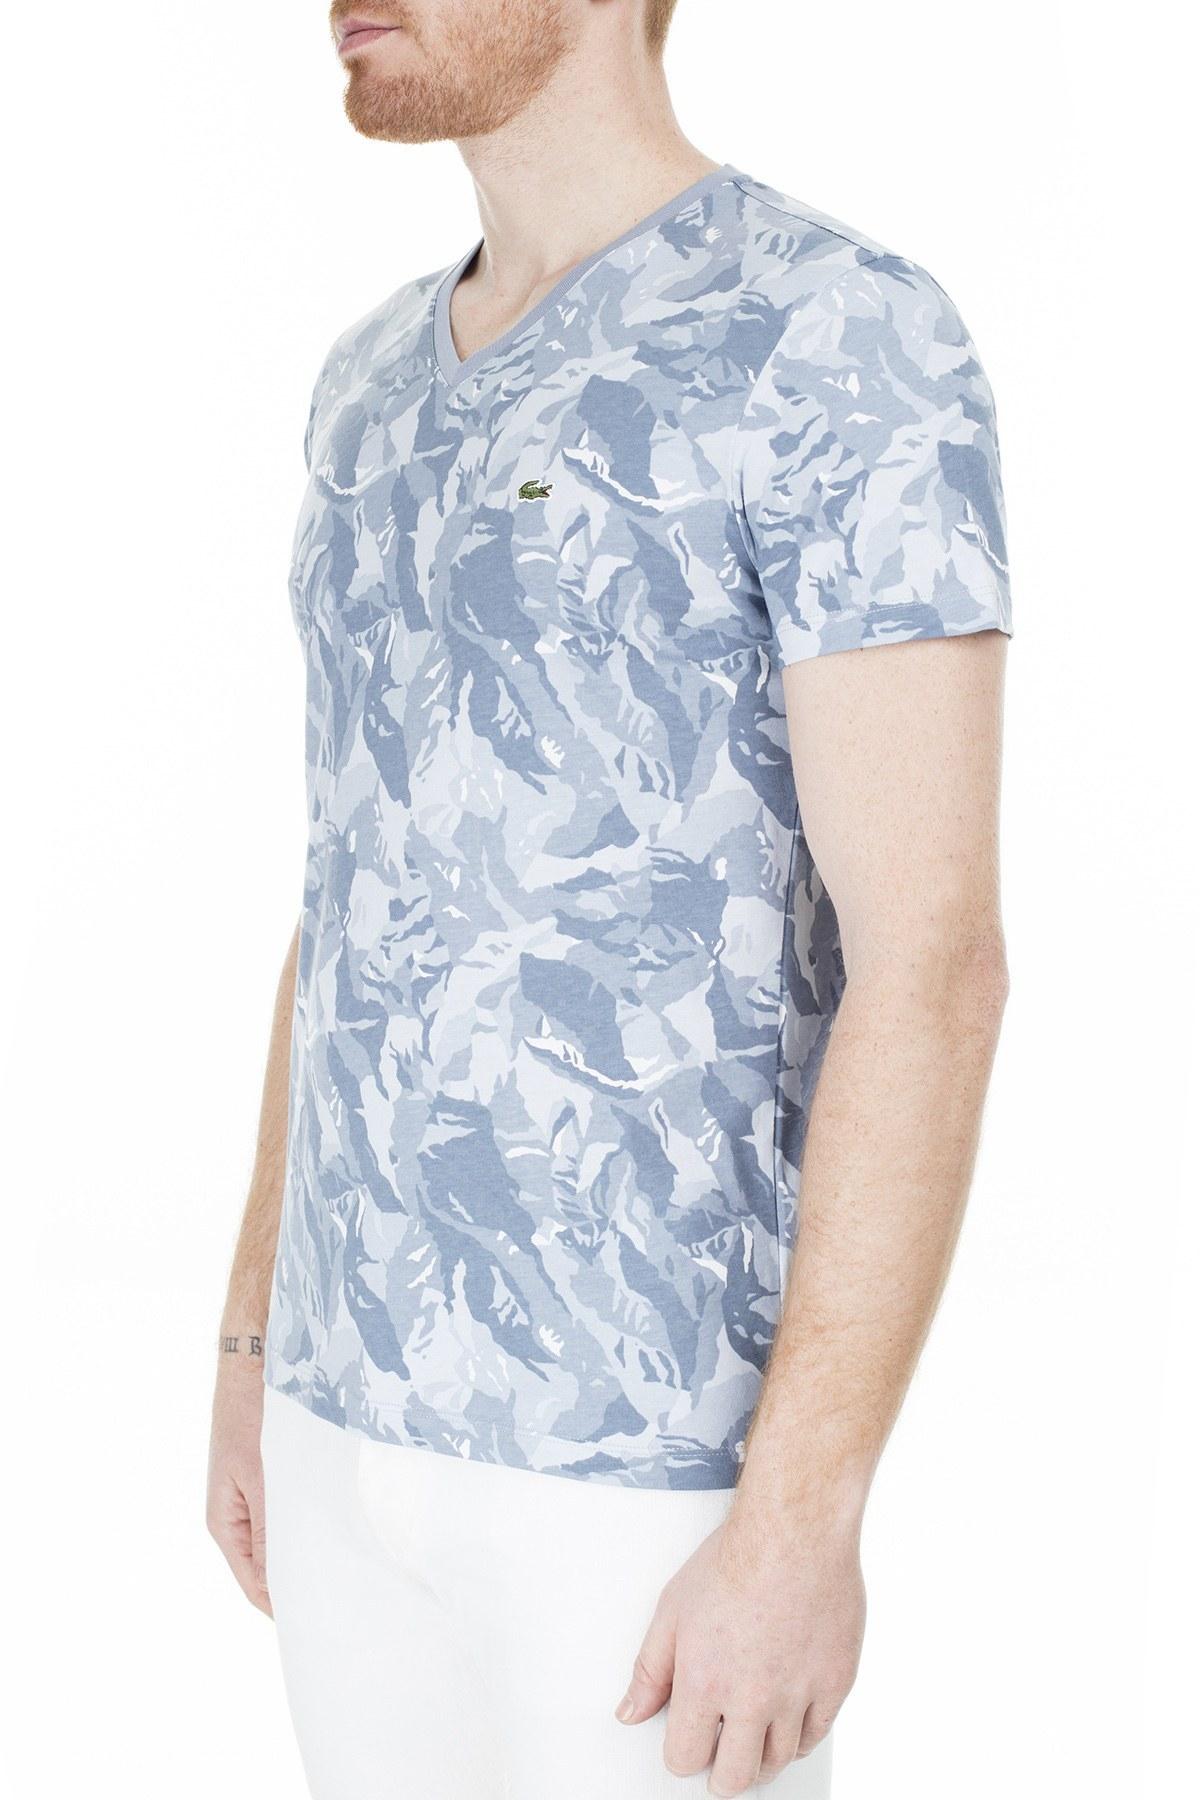 Lacoste Erkek T Shirt TH0018 18A BEYAZ